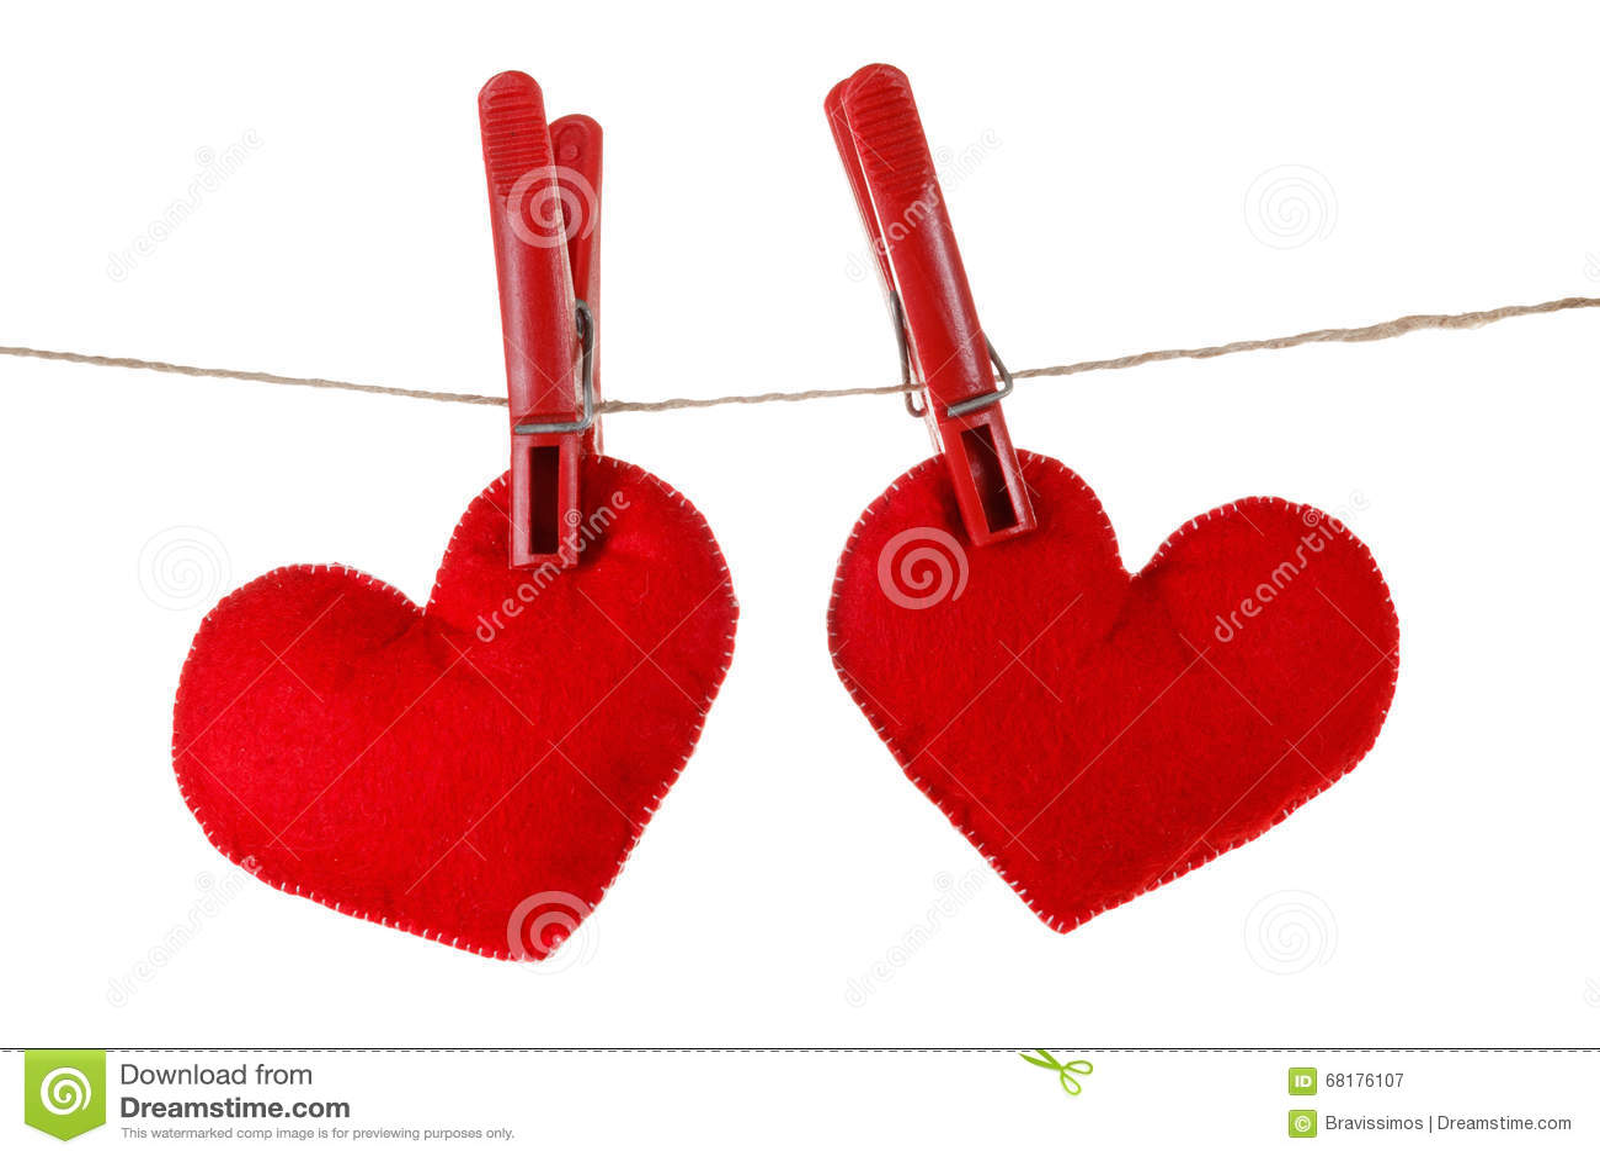 Dating-Tipps, die die Hände halten